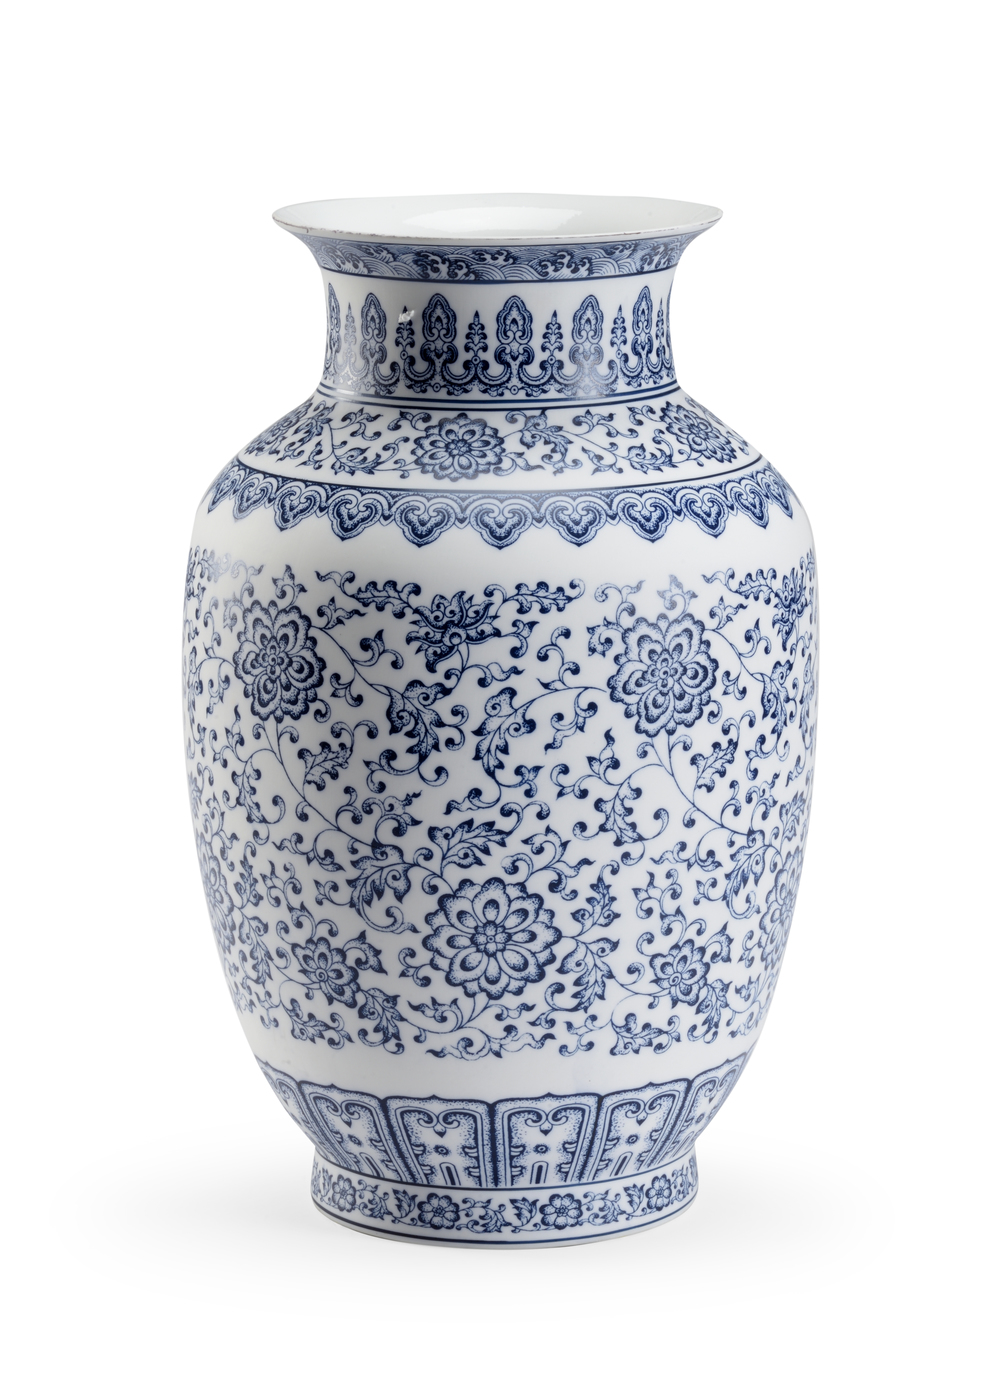 Chelsea House - Kofun Vase